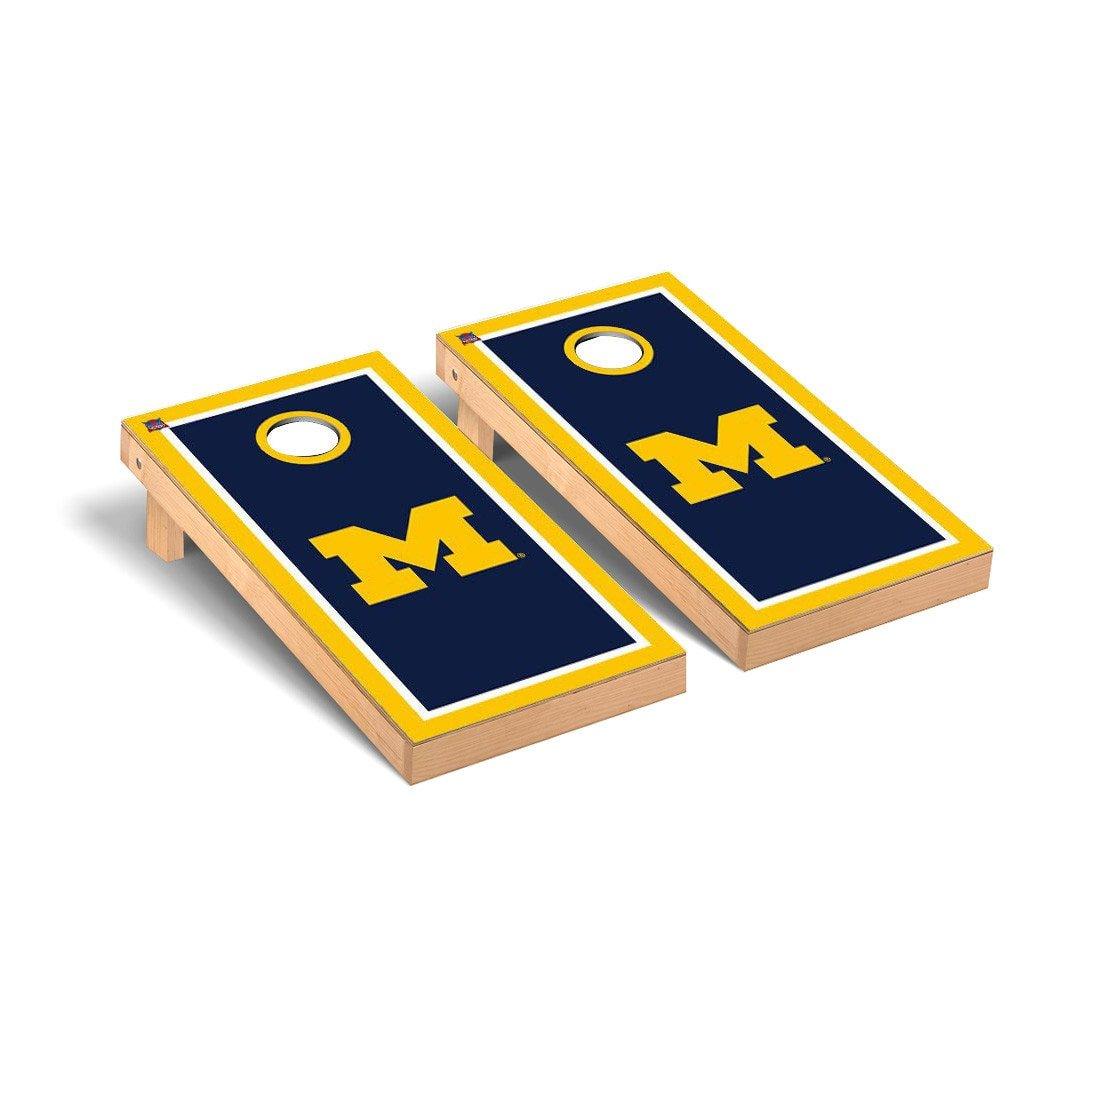 【2018年製 新品】 Michigan Wolverines Michigan Cornhole Wolverines Game Set Set Borderバージョン1 B012803TS4, ハンドメイドのお店preser:a3bc78c1 --- arianechie.dominiotemporario.com